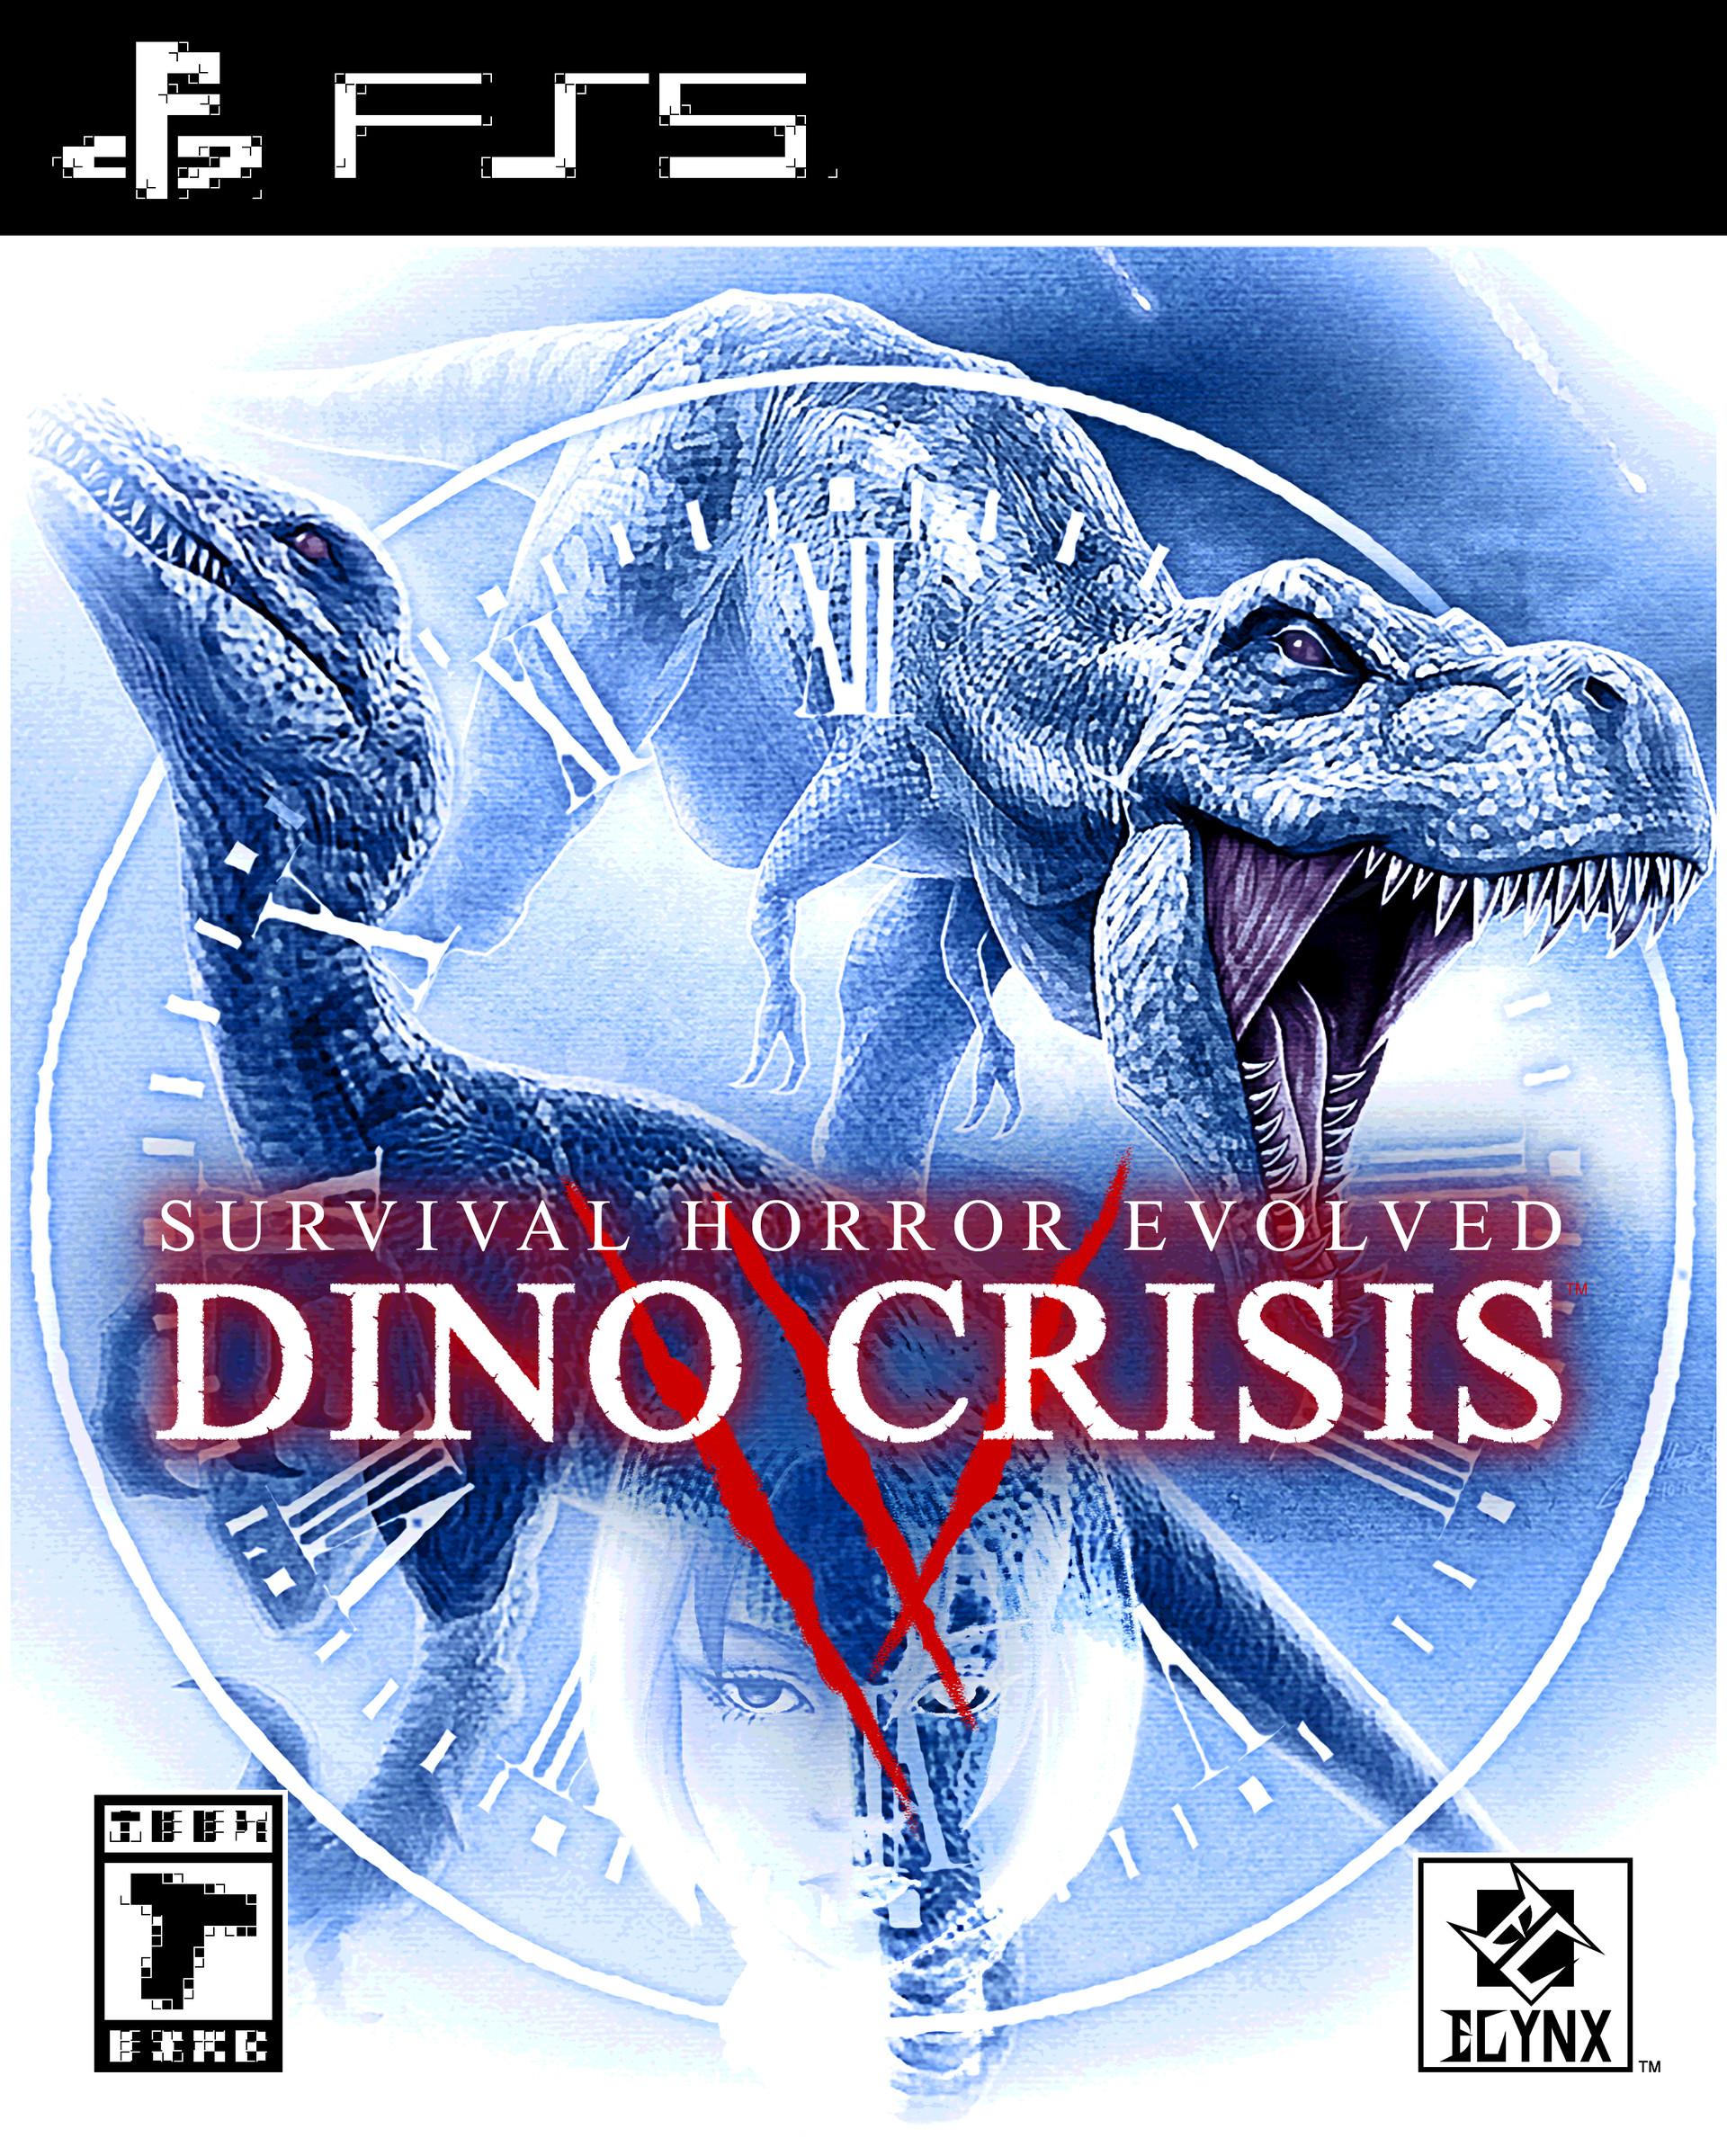 E lynx lin dinocrisis ps502